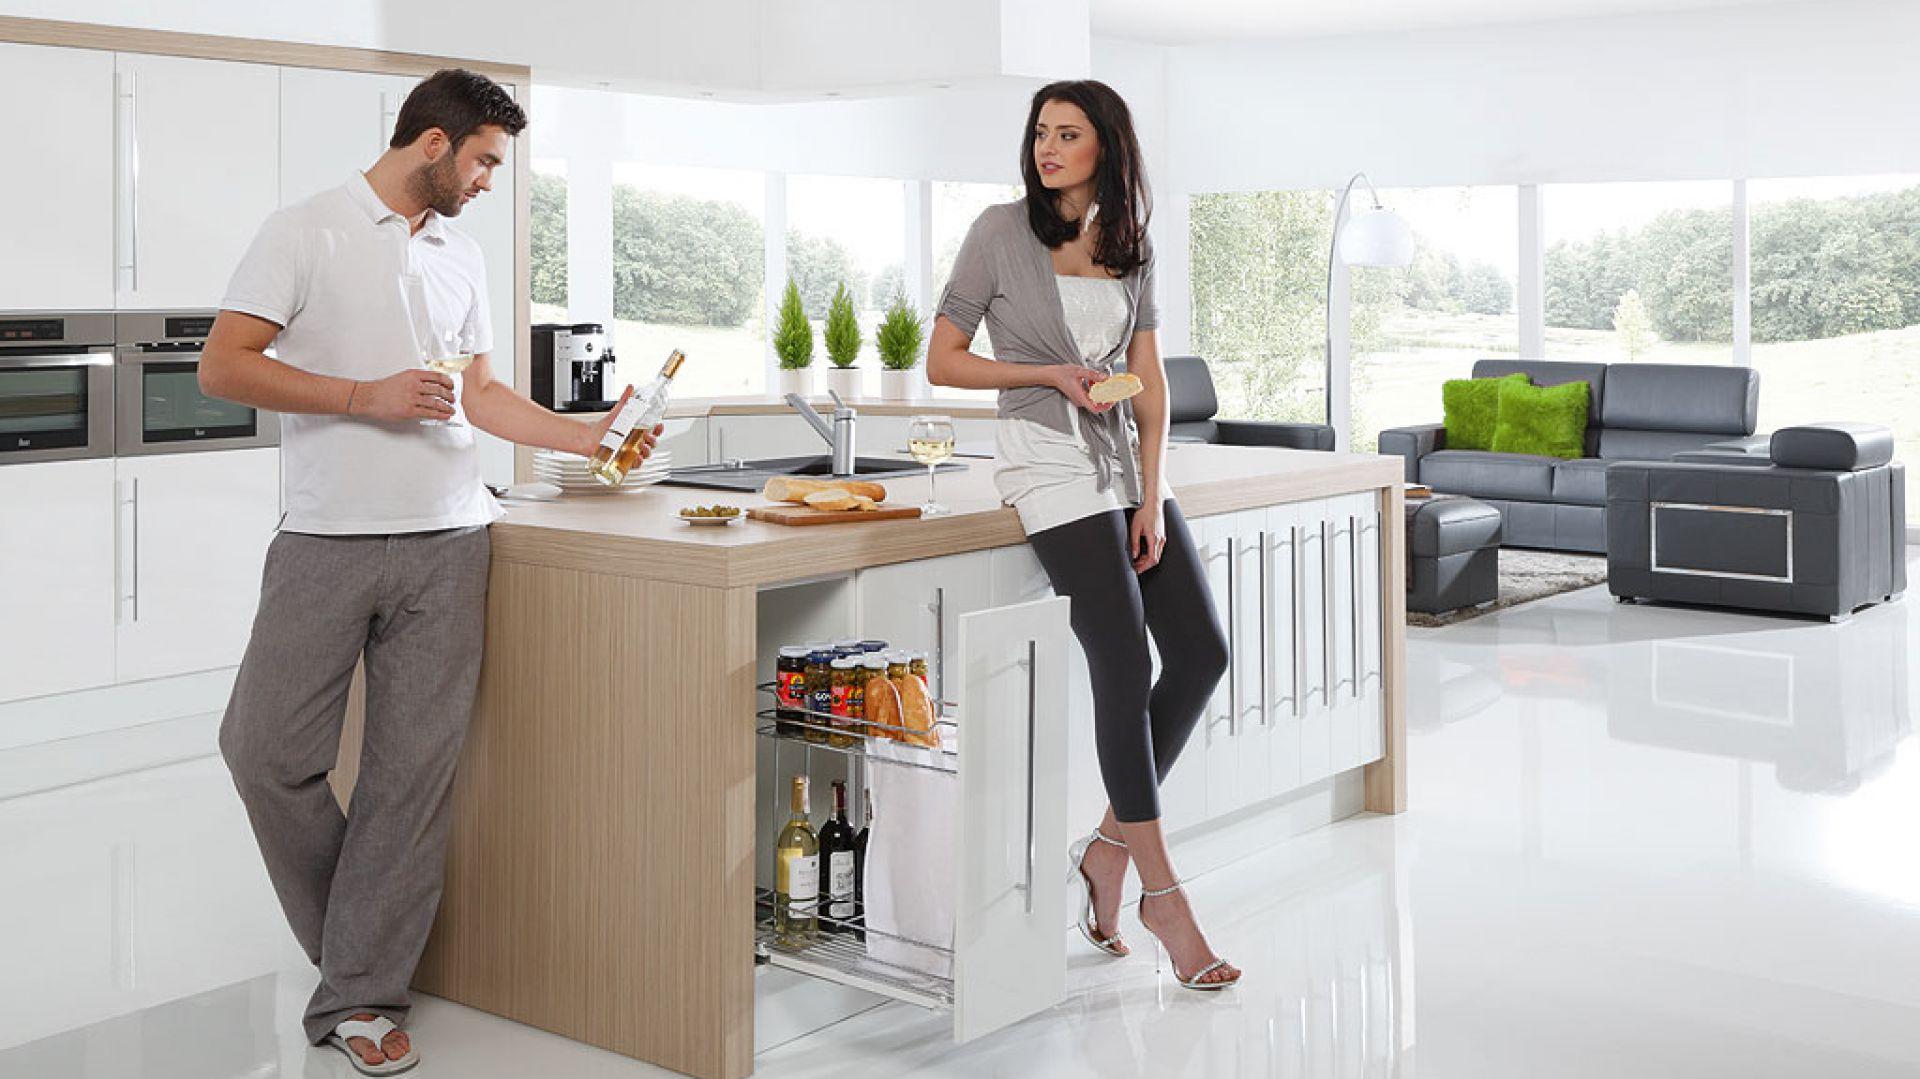 Akcesoria do mebli kuchennych. Fot. Rejs